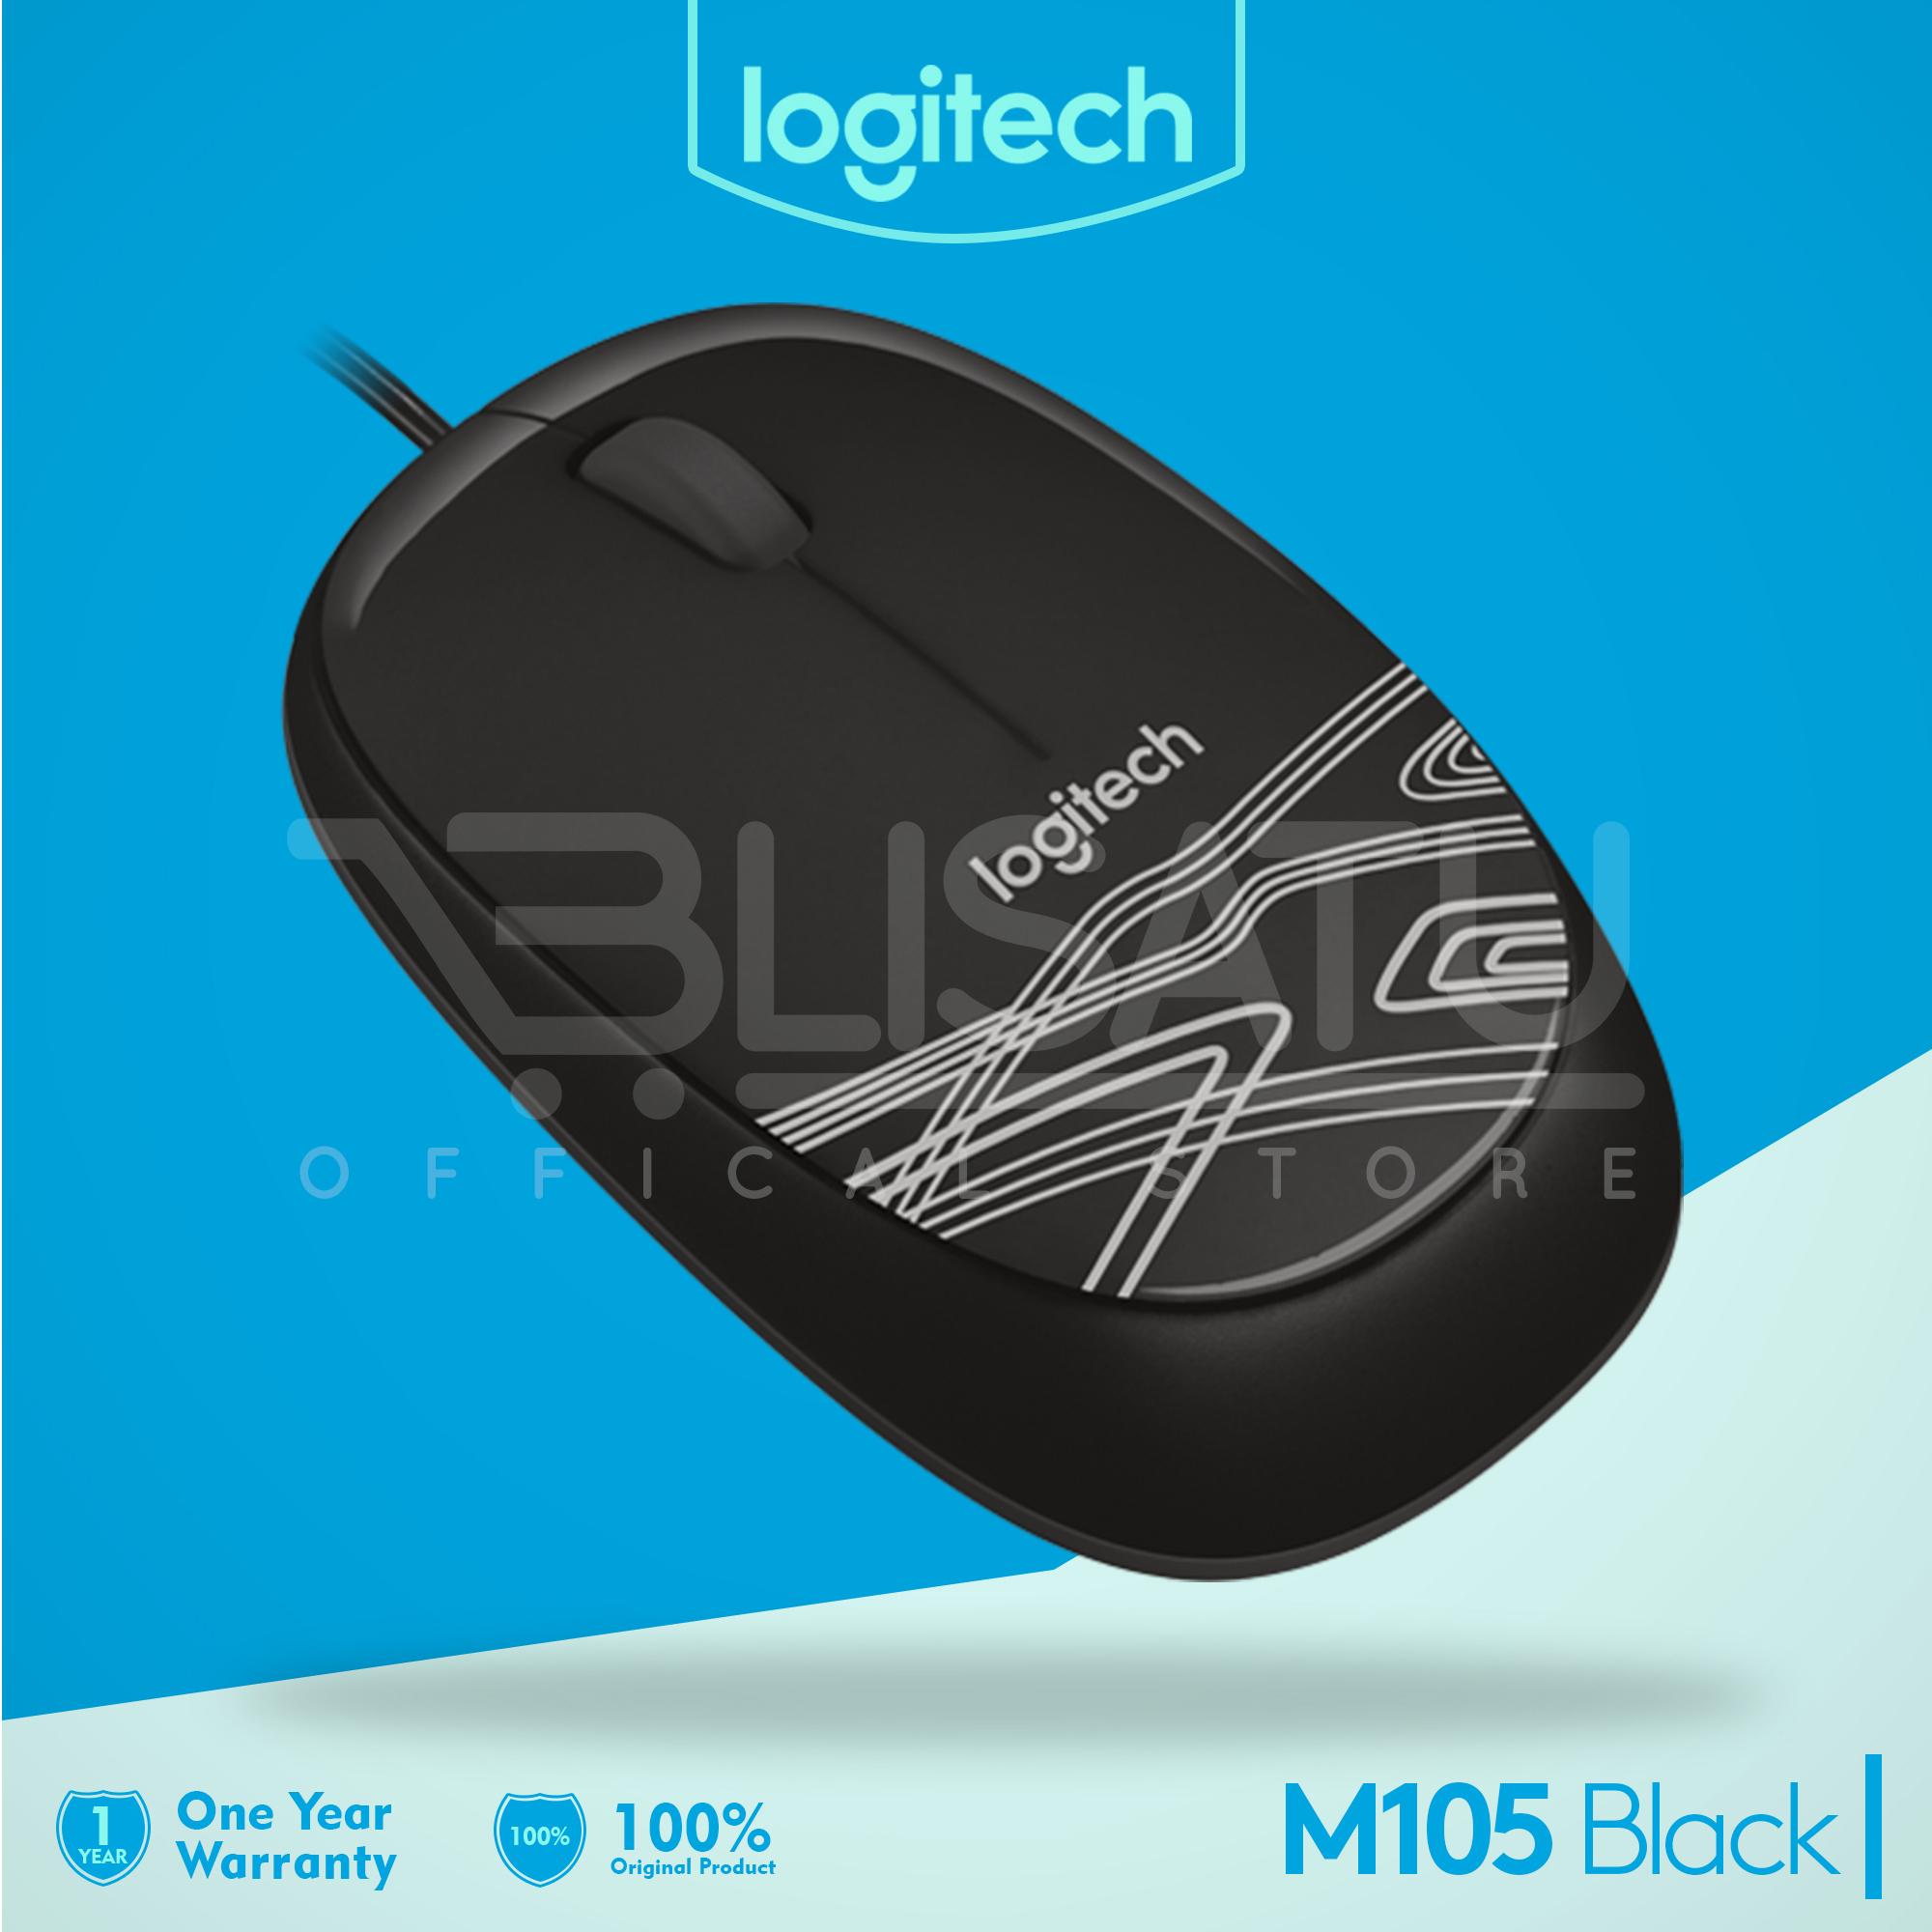 Jual Logitech Wired Optical Mouse Usb M105 Hitam Original Garansi Resmi 2 Tahun Gaming G102 Prodigy